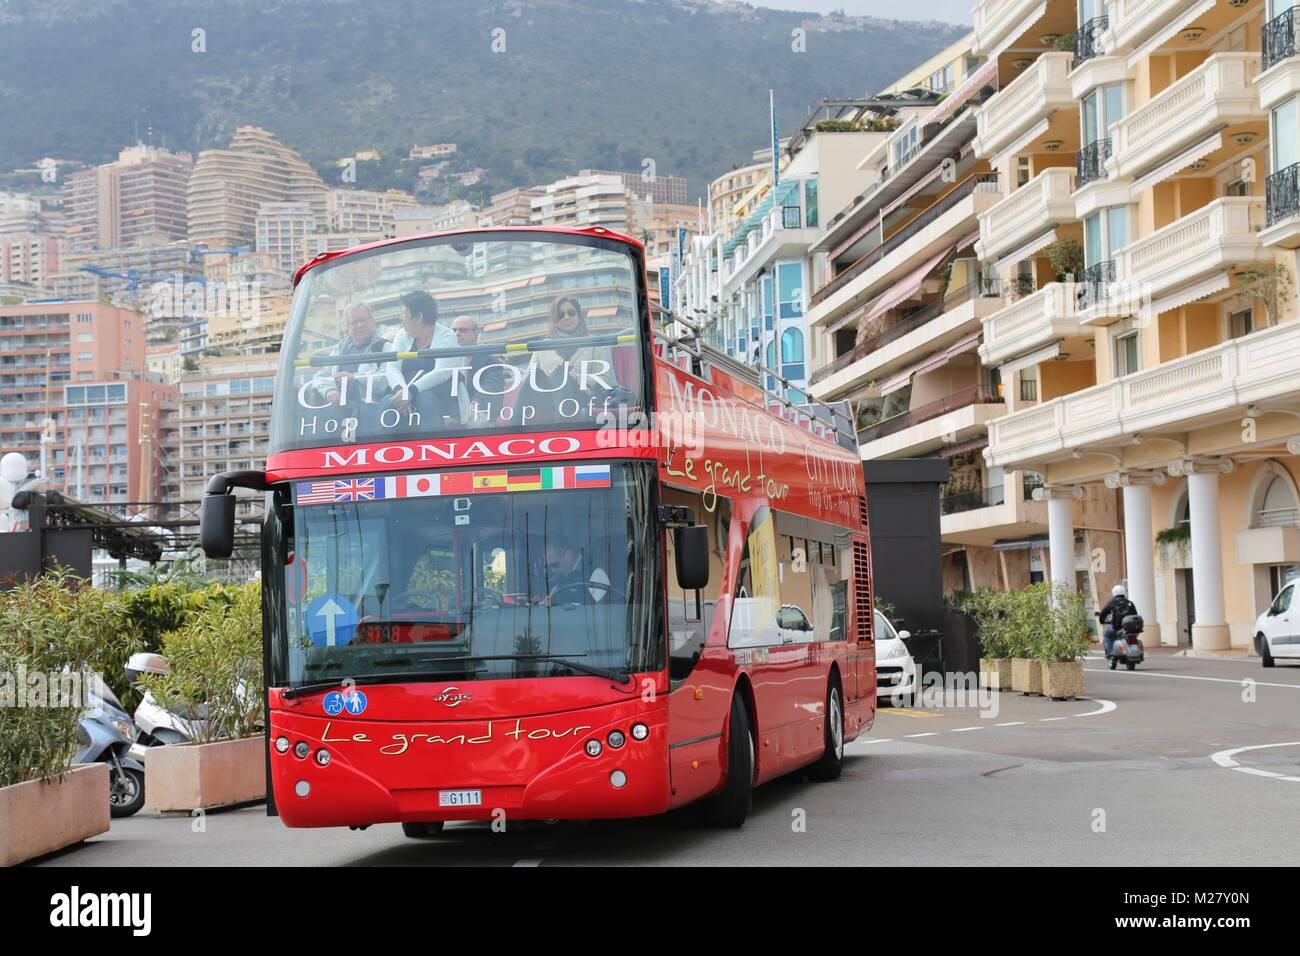 Monaco city tour bus Stock Photo